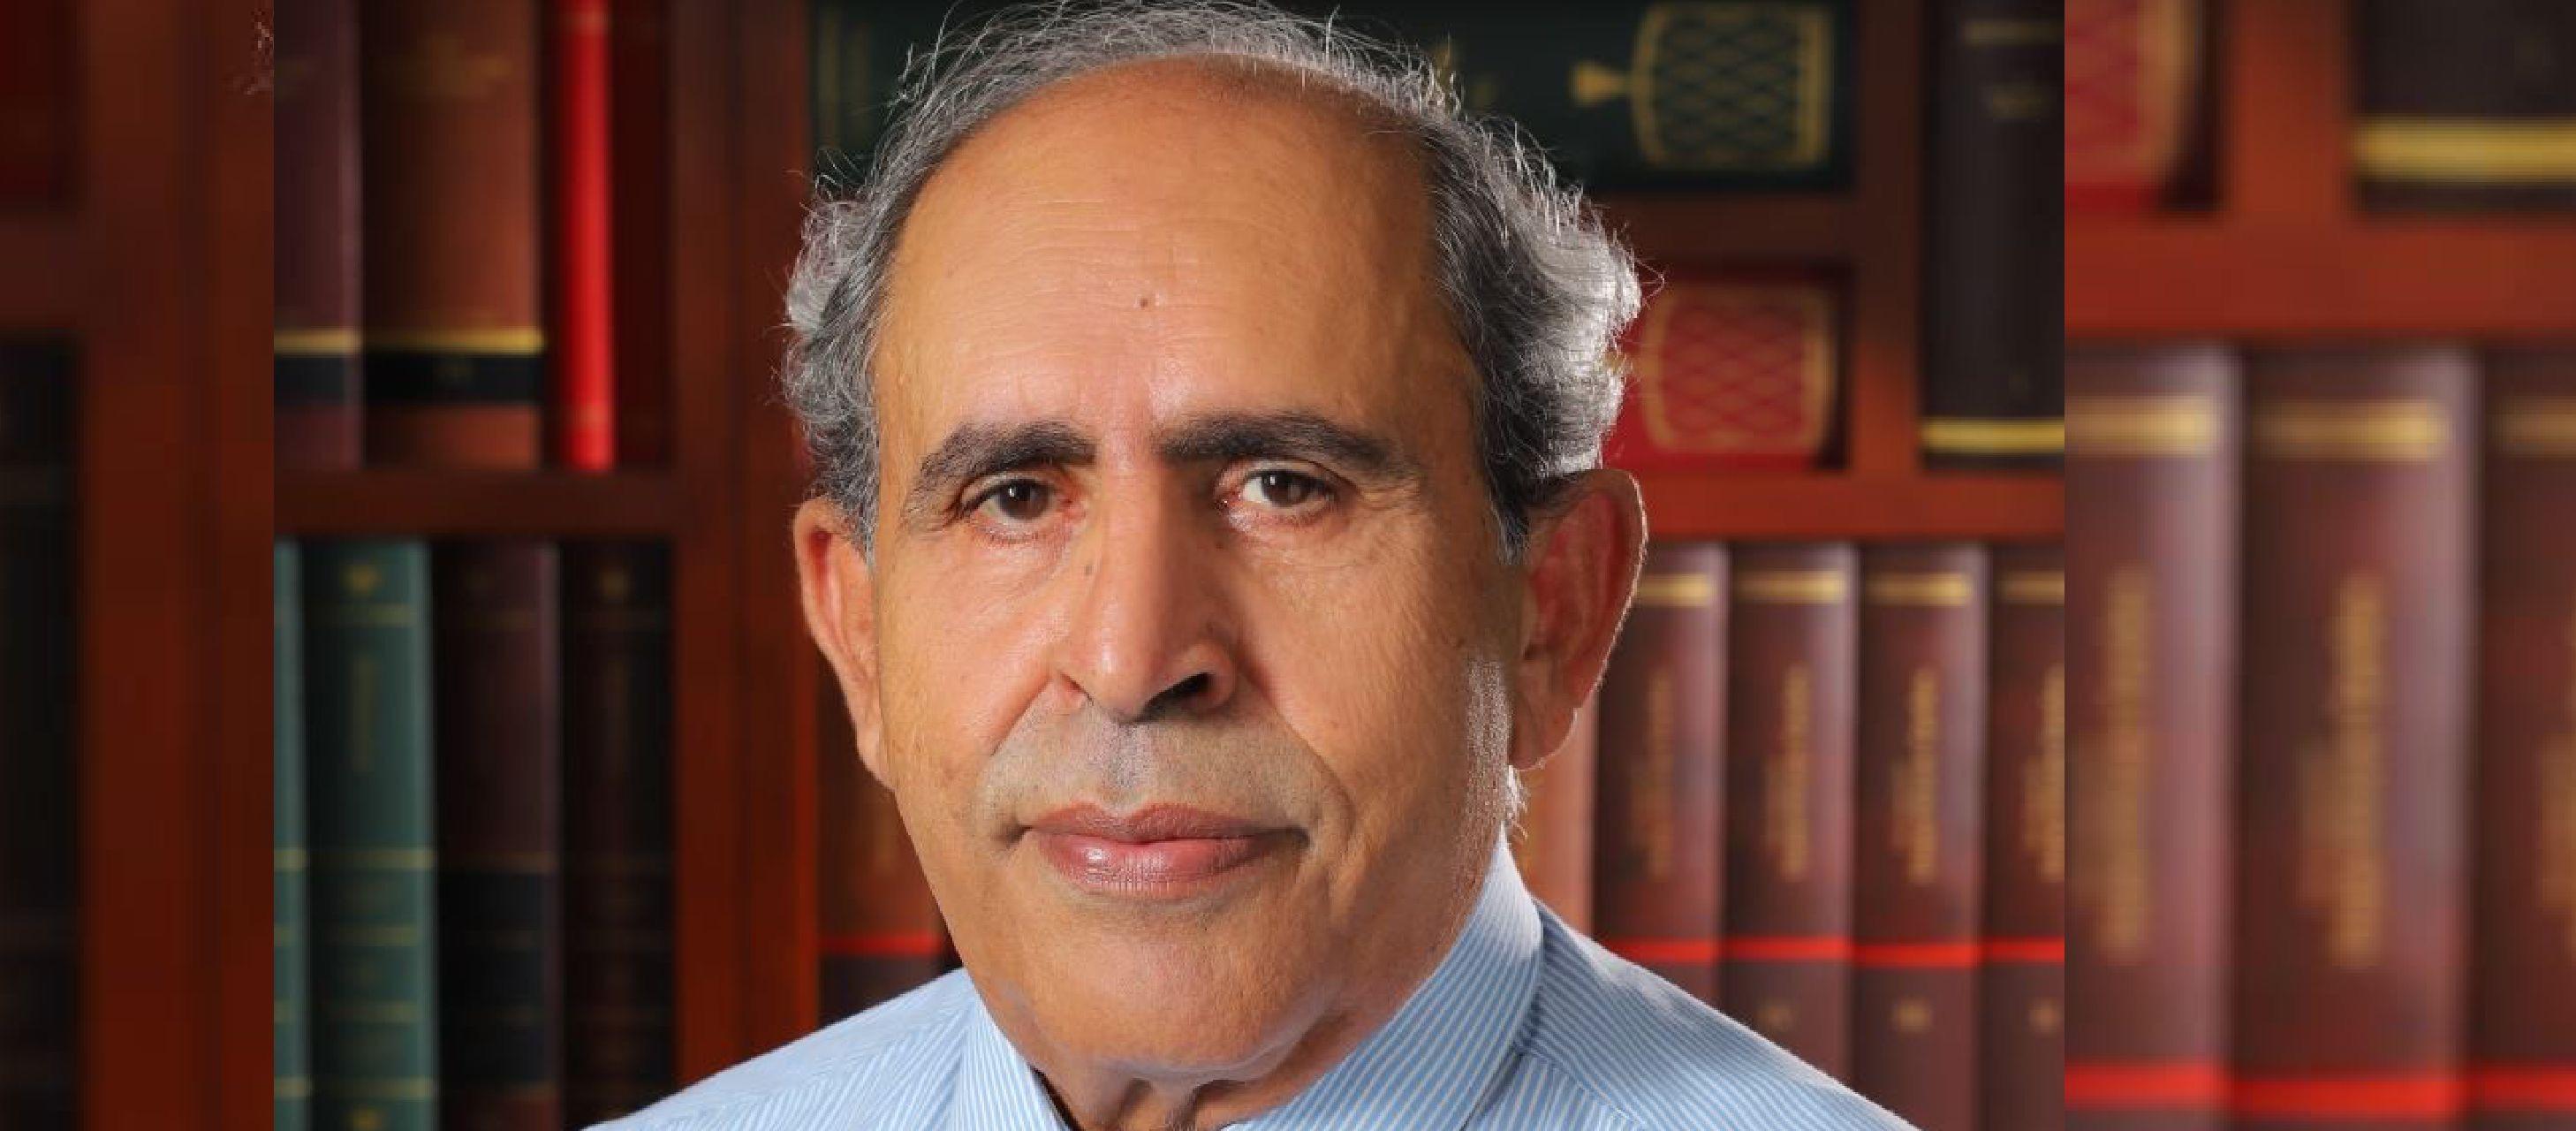 رحيل الشاعر الفلسطيني عز الدين المناصرة عن 74 عاماً